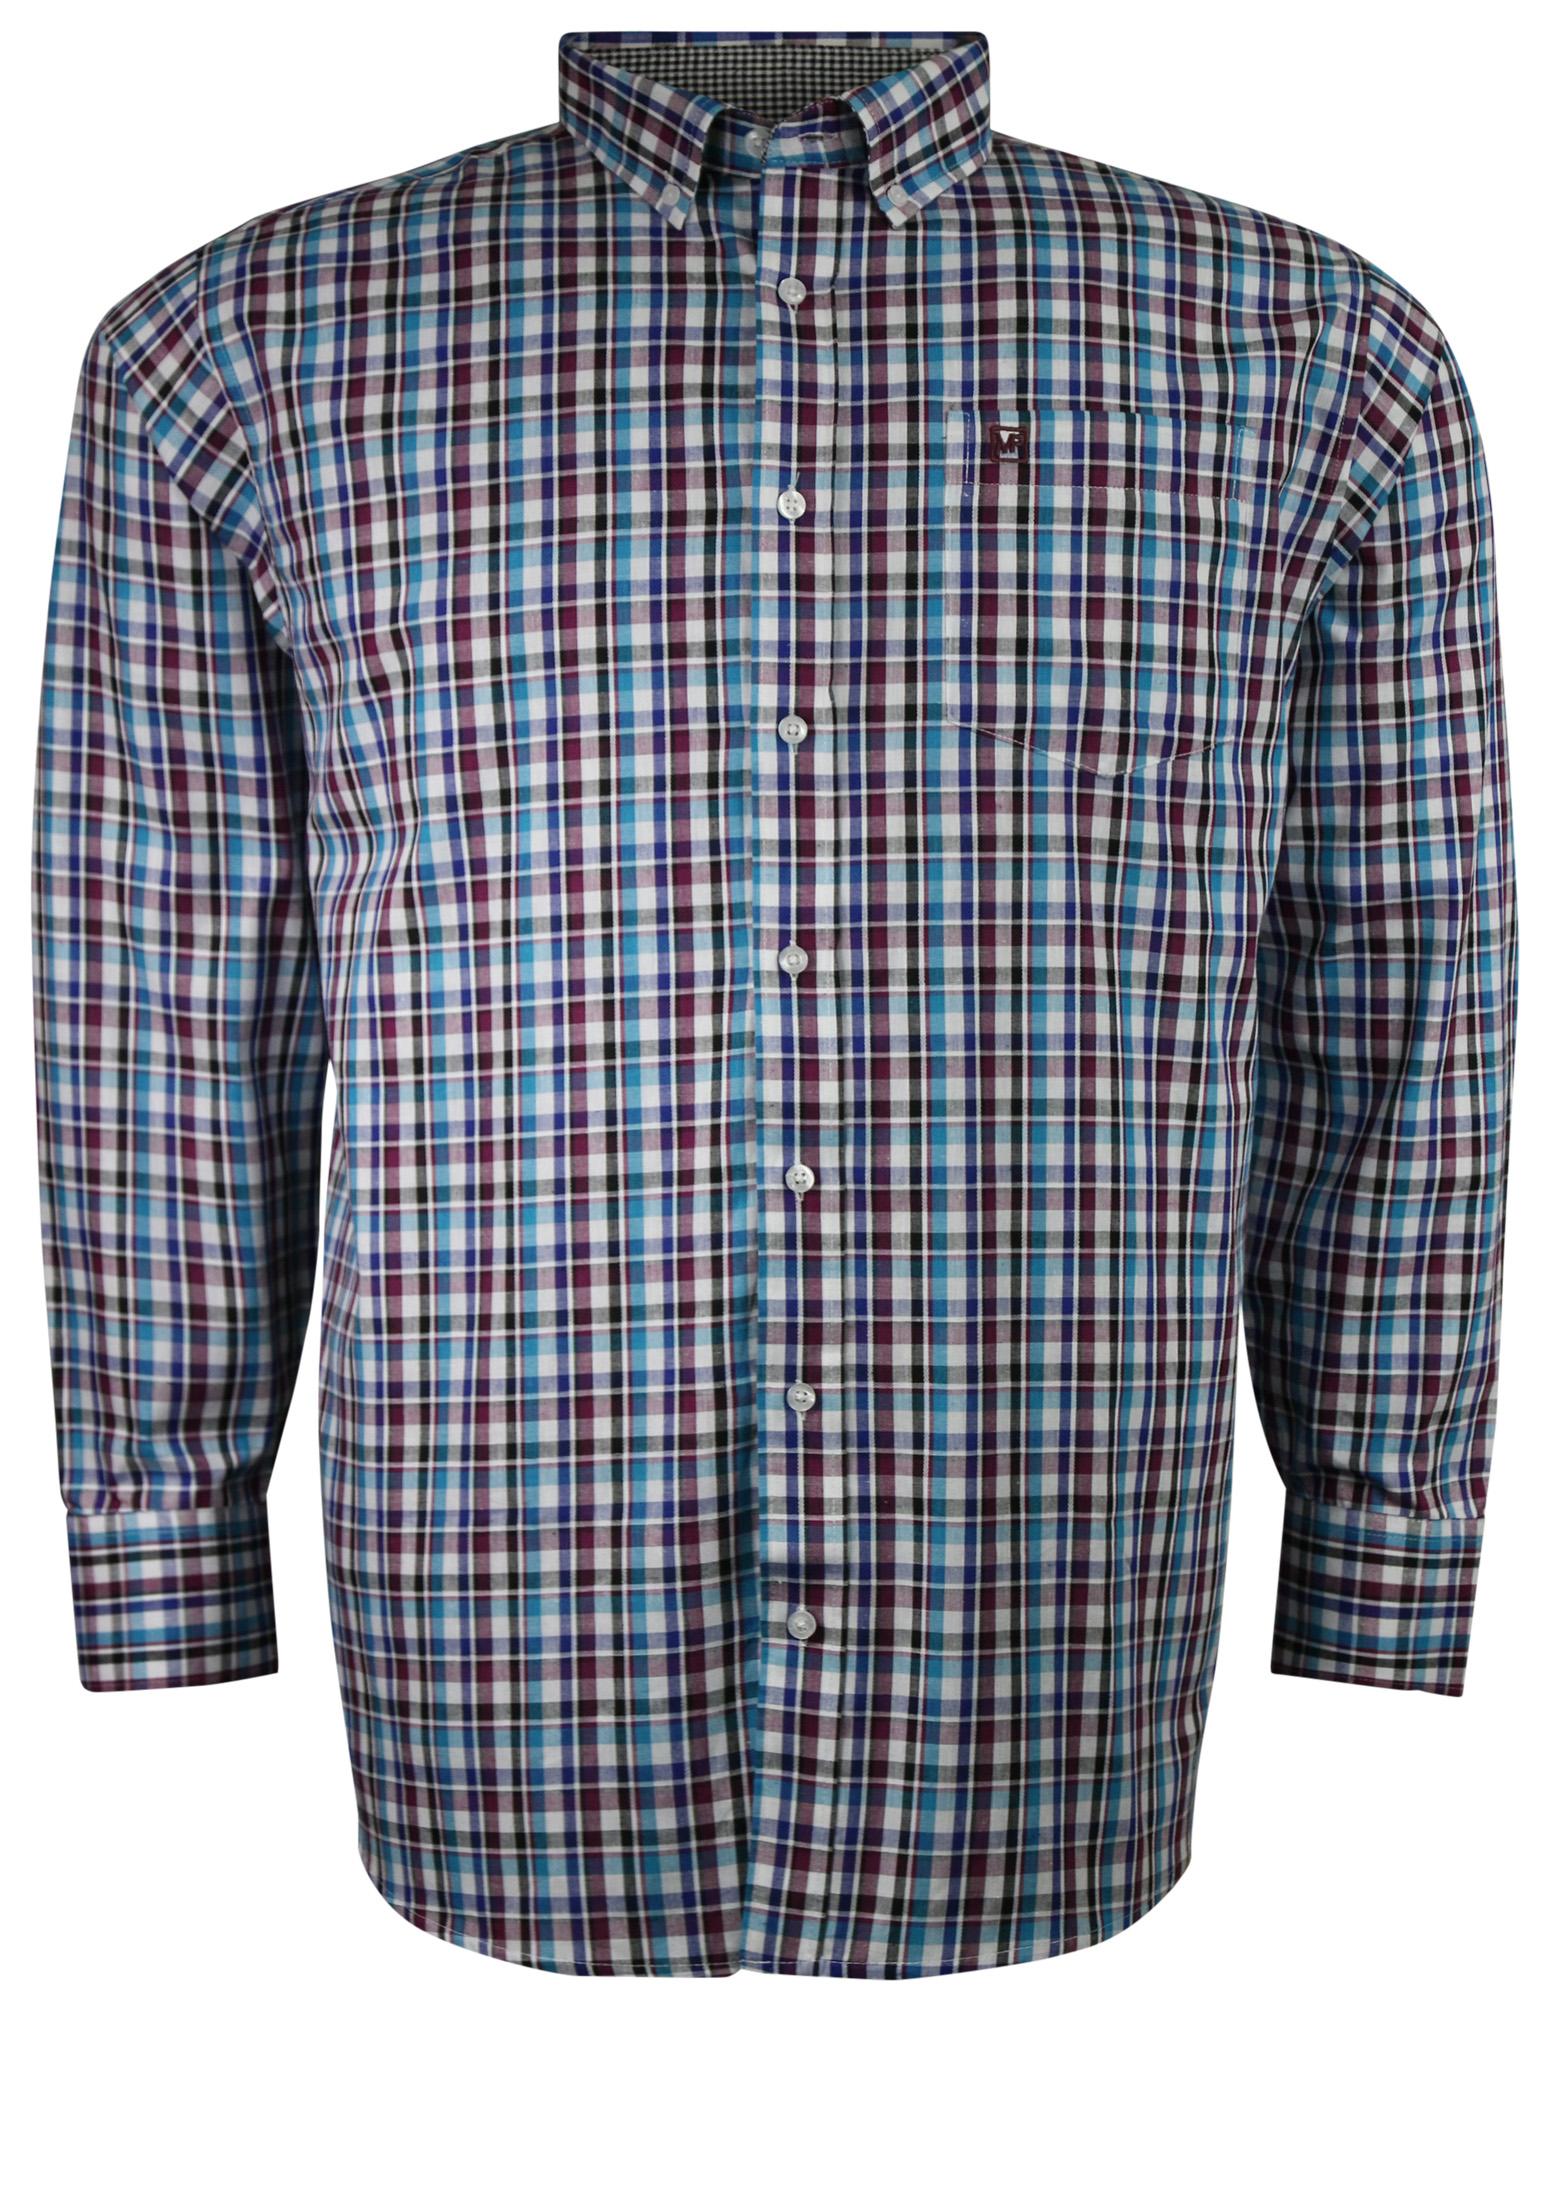 Overhemd met lange mouwen van Melvinsi met linker borstzakje, contrastkleur stof in de boorden en button down kraag.Blauwe en rode geblokte stof.